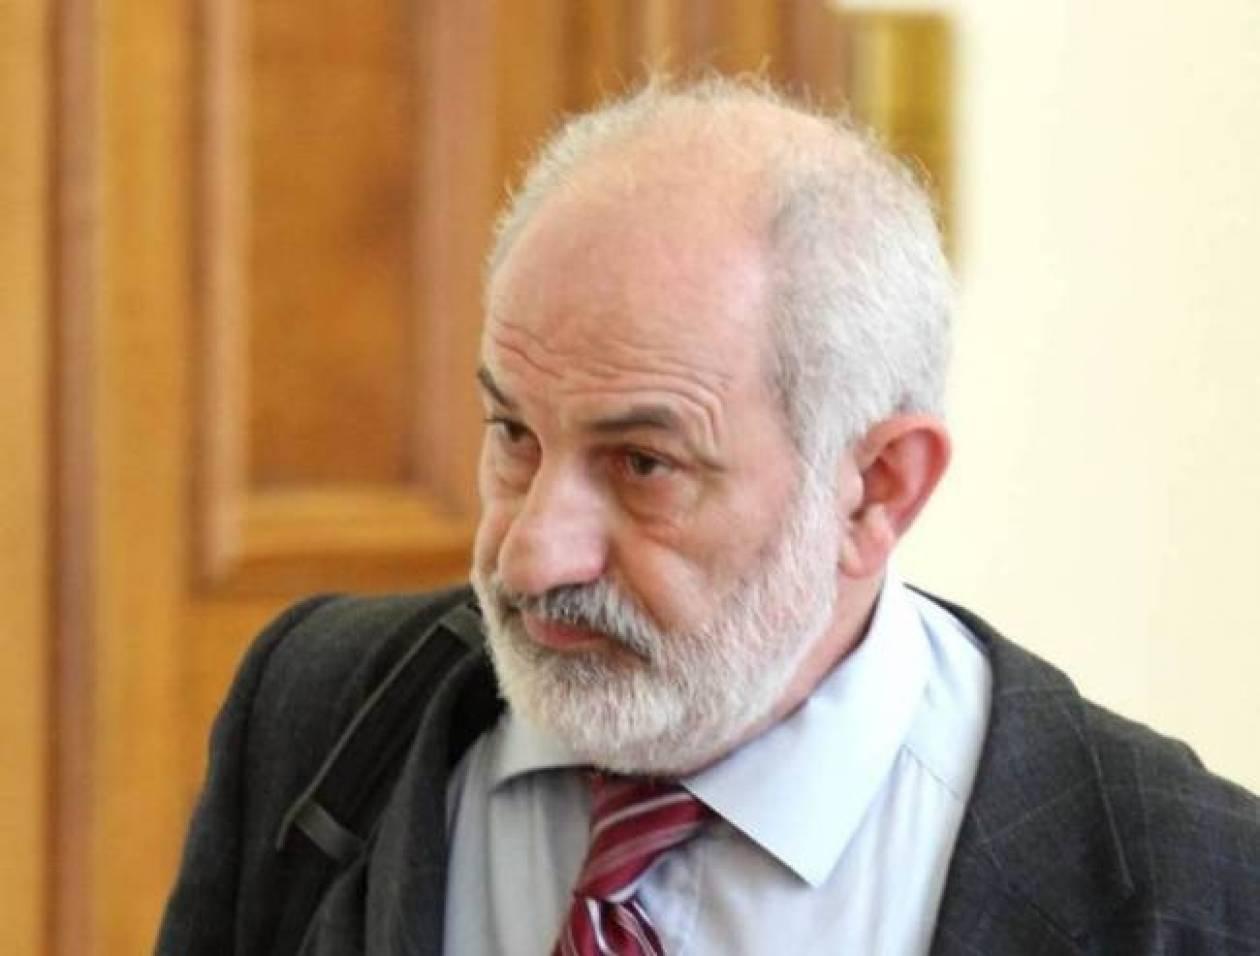 Και πάλι στη φυλακή ο πρώην Γ.Γ. Εξοπλισμών Γ. Σμπώκος